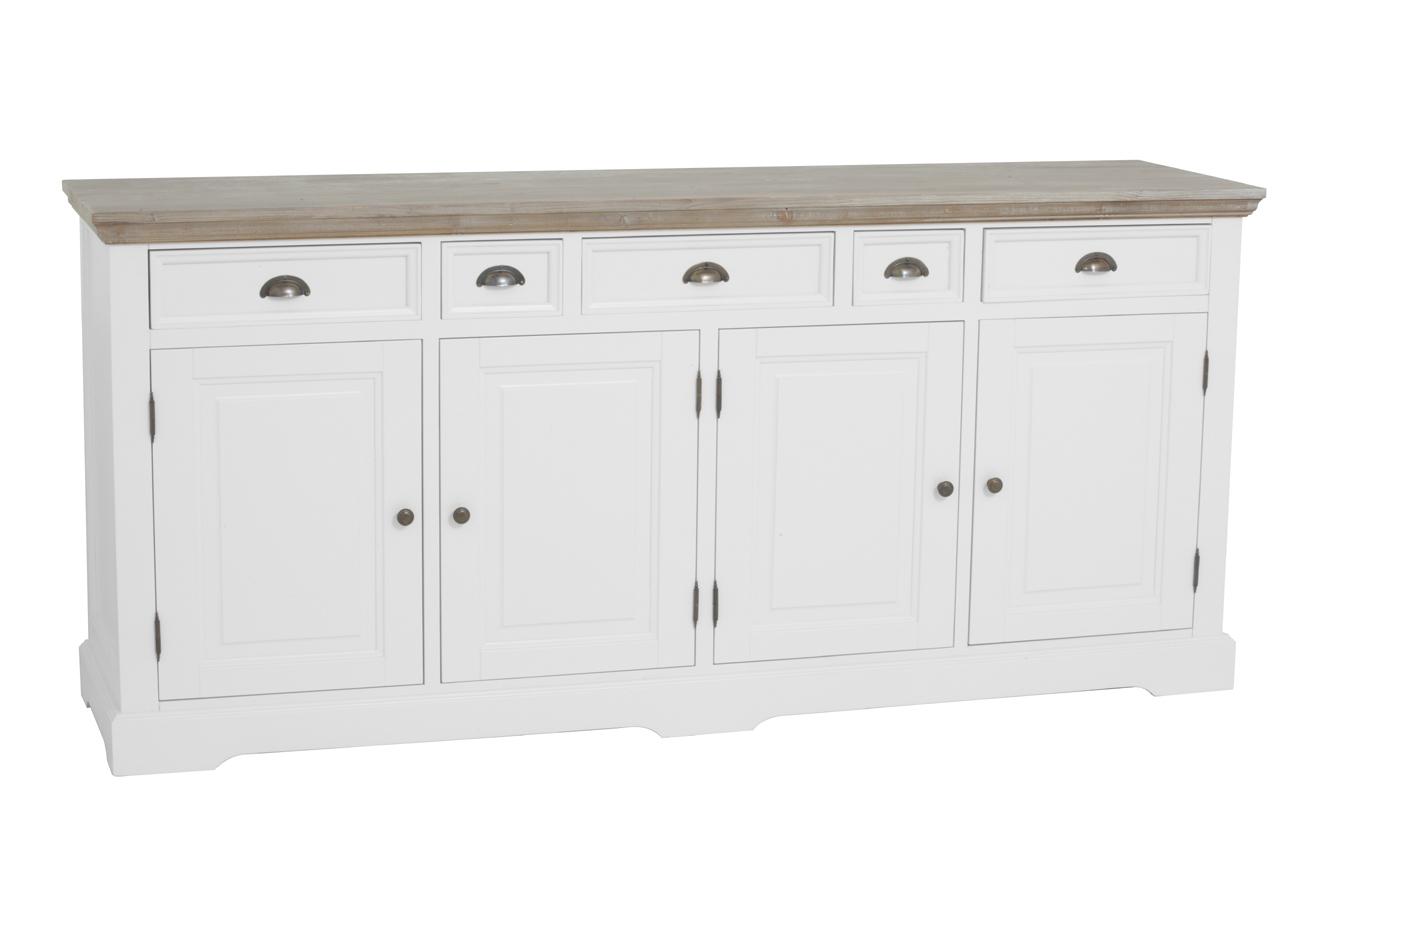 Kast Wit Hout : Wit houten tv meubel fabulous woonkamer with wit houten tv meubel